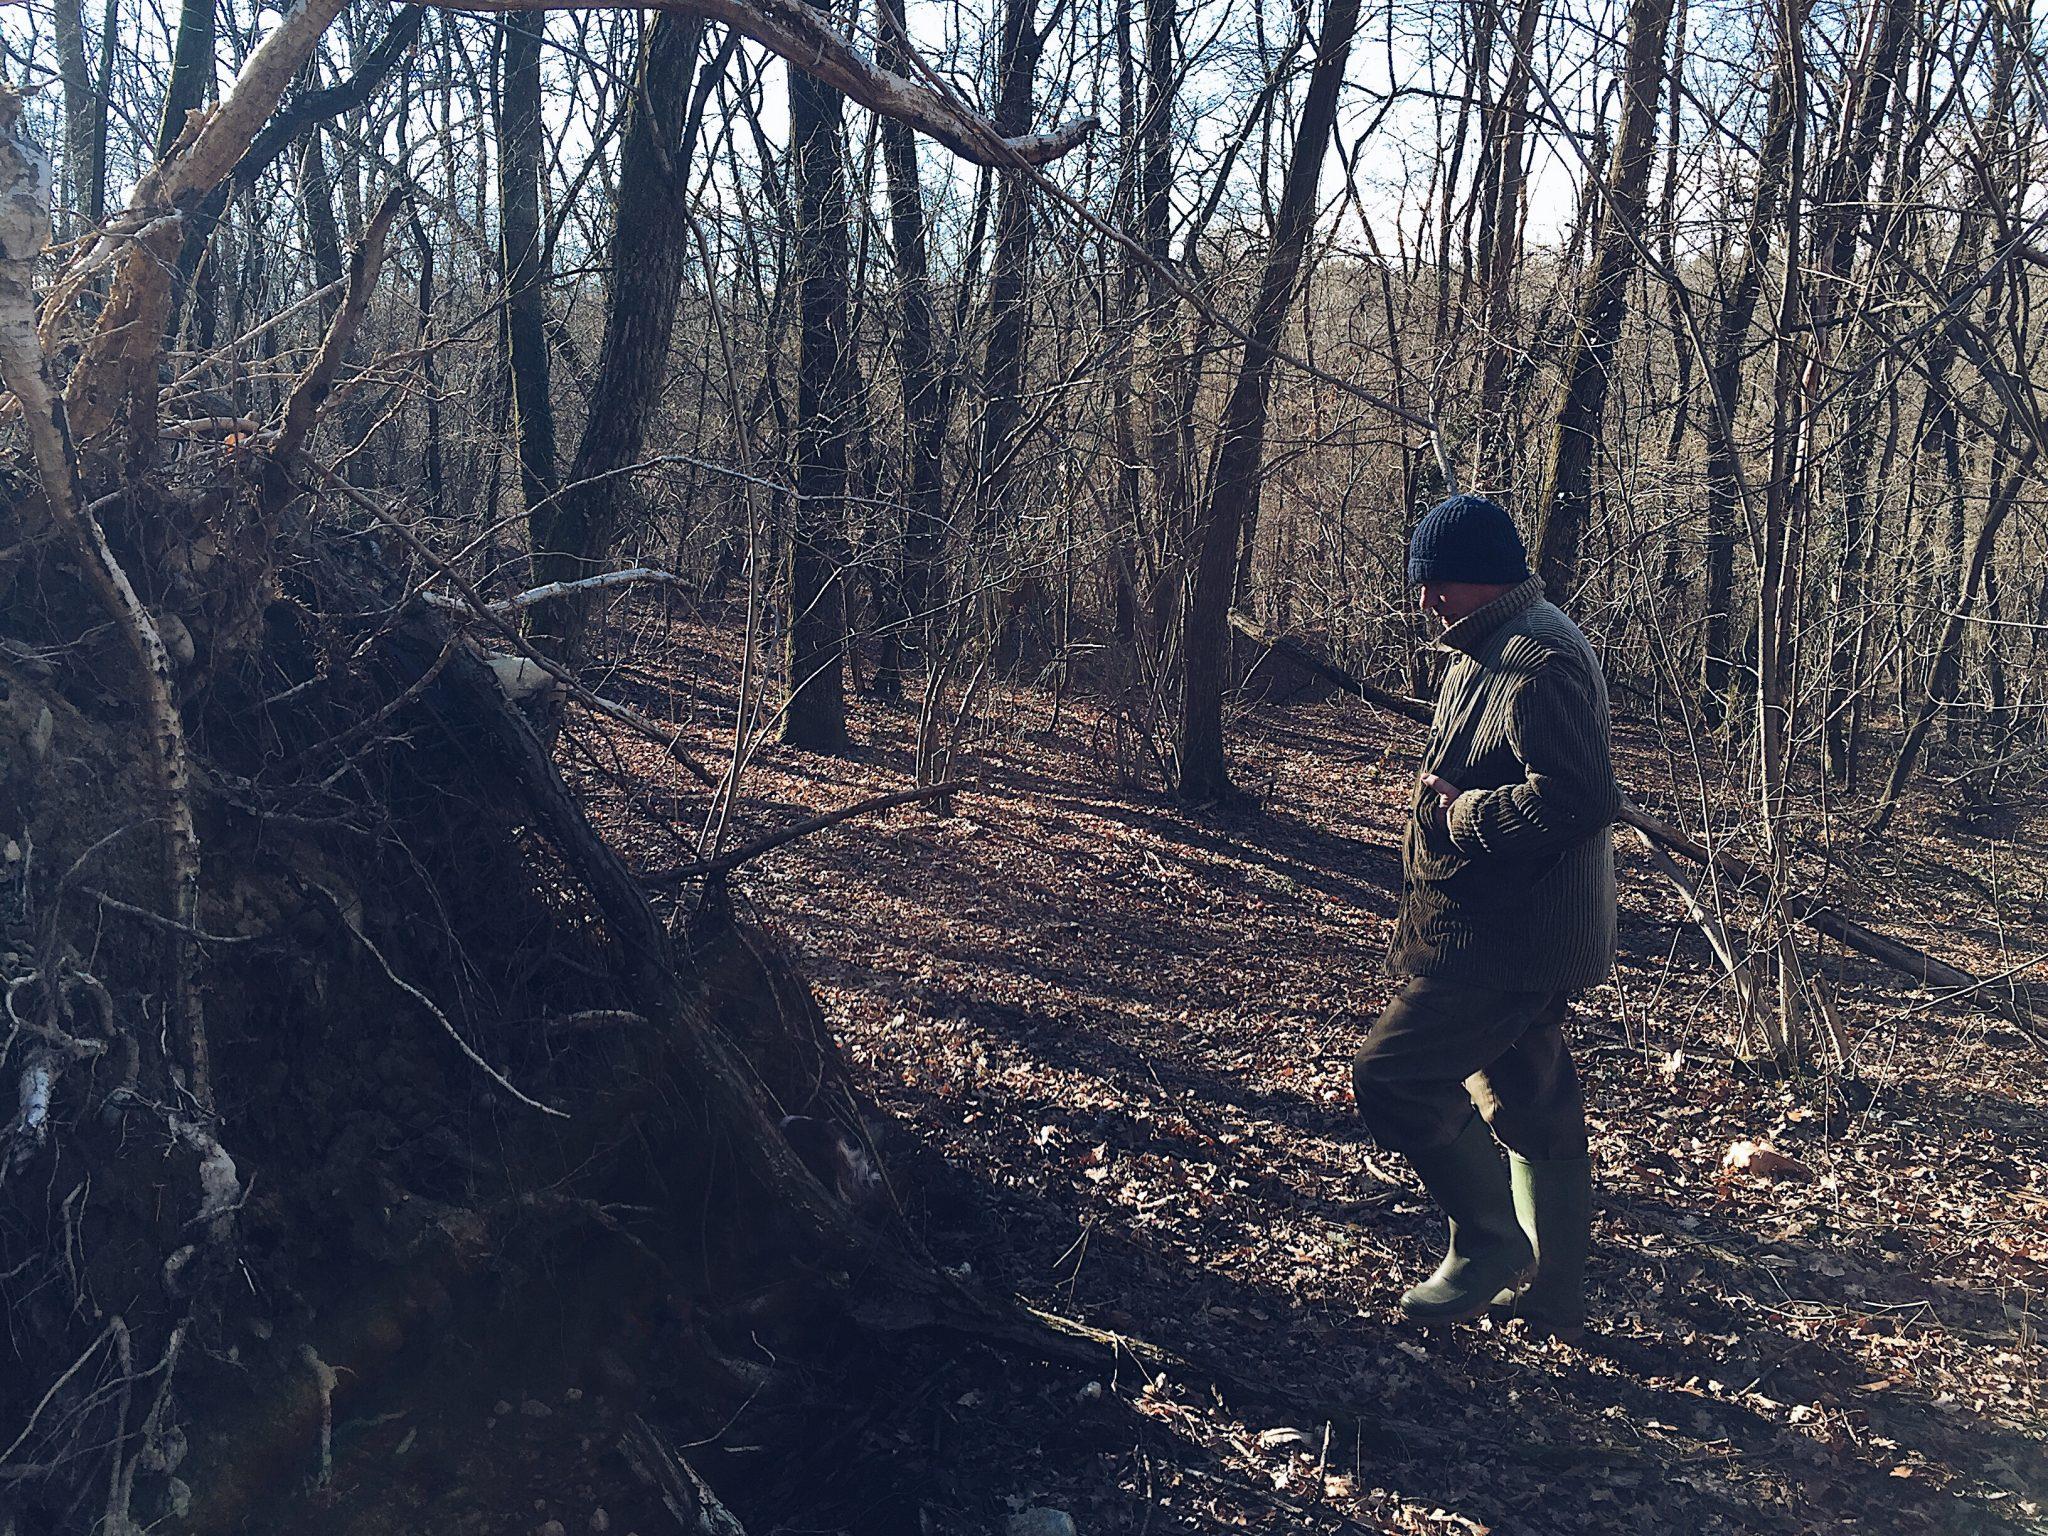 uomo che cammina nel bosco - tatianaberlaffa.com